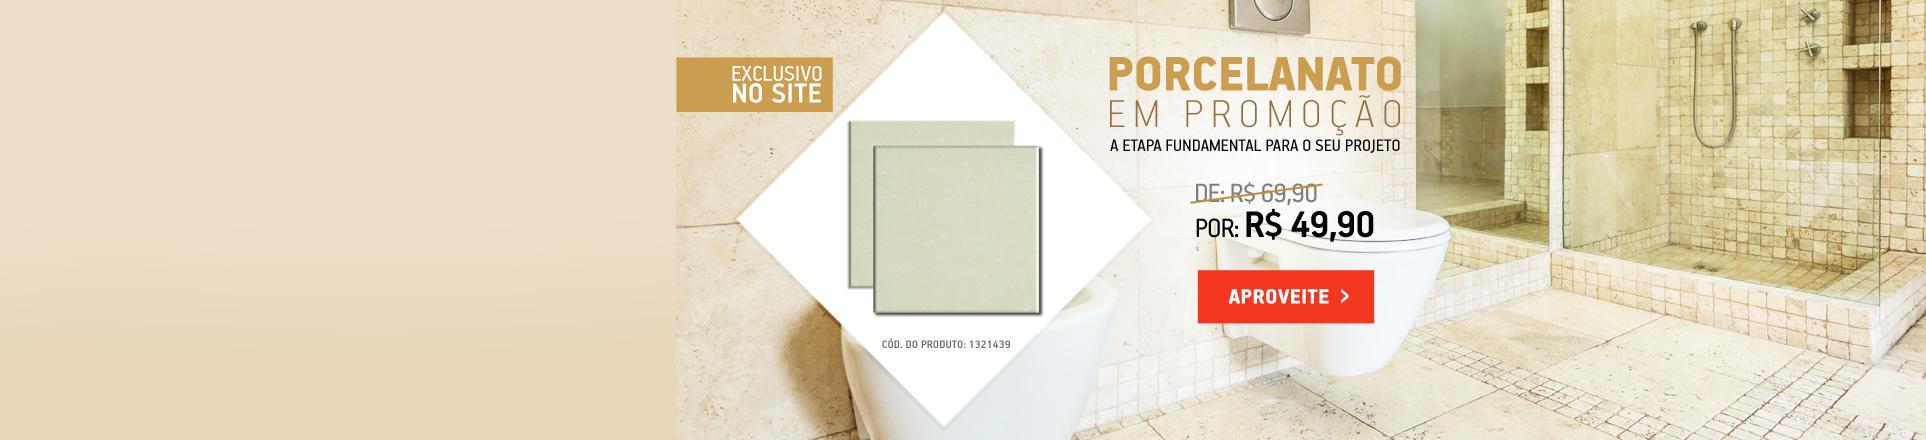 Promoção Porcelanato